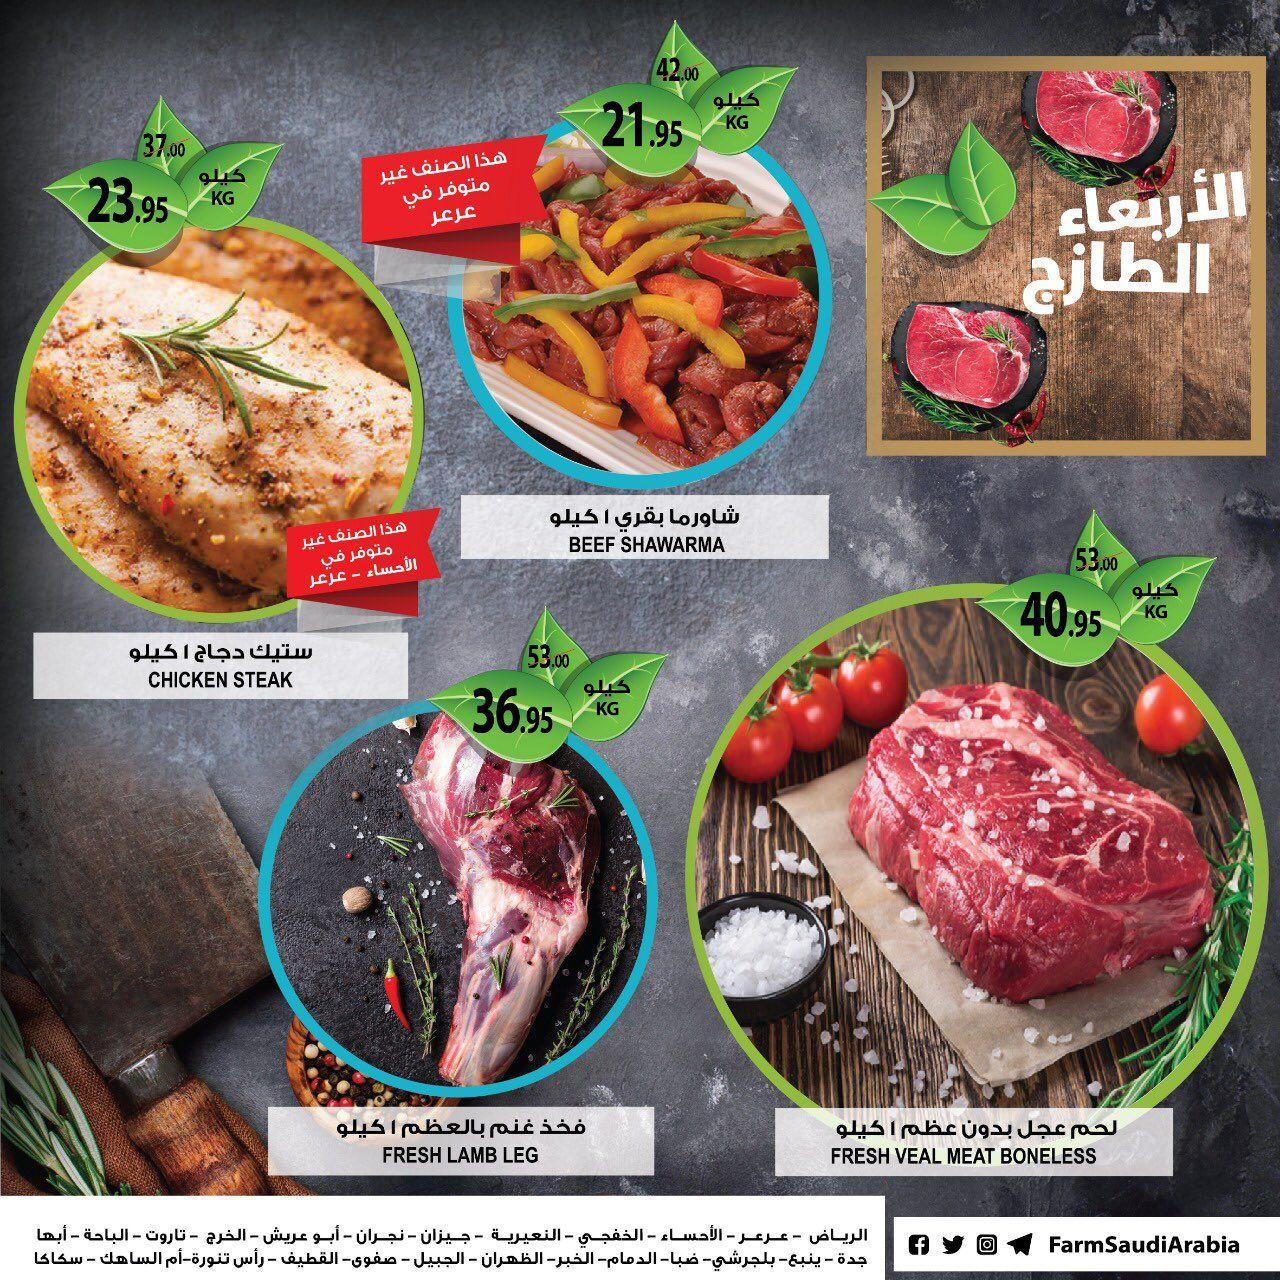 عروص اسواق المزرعة اليوم الاربعاء 4 سبتمبر 2019 عروض الطازج جدة جيزان عروض اليوم Chicken Steak Shawarma Steak